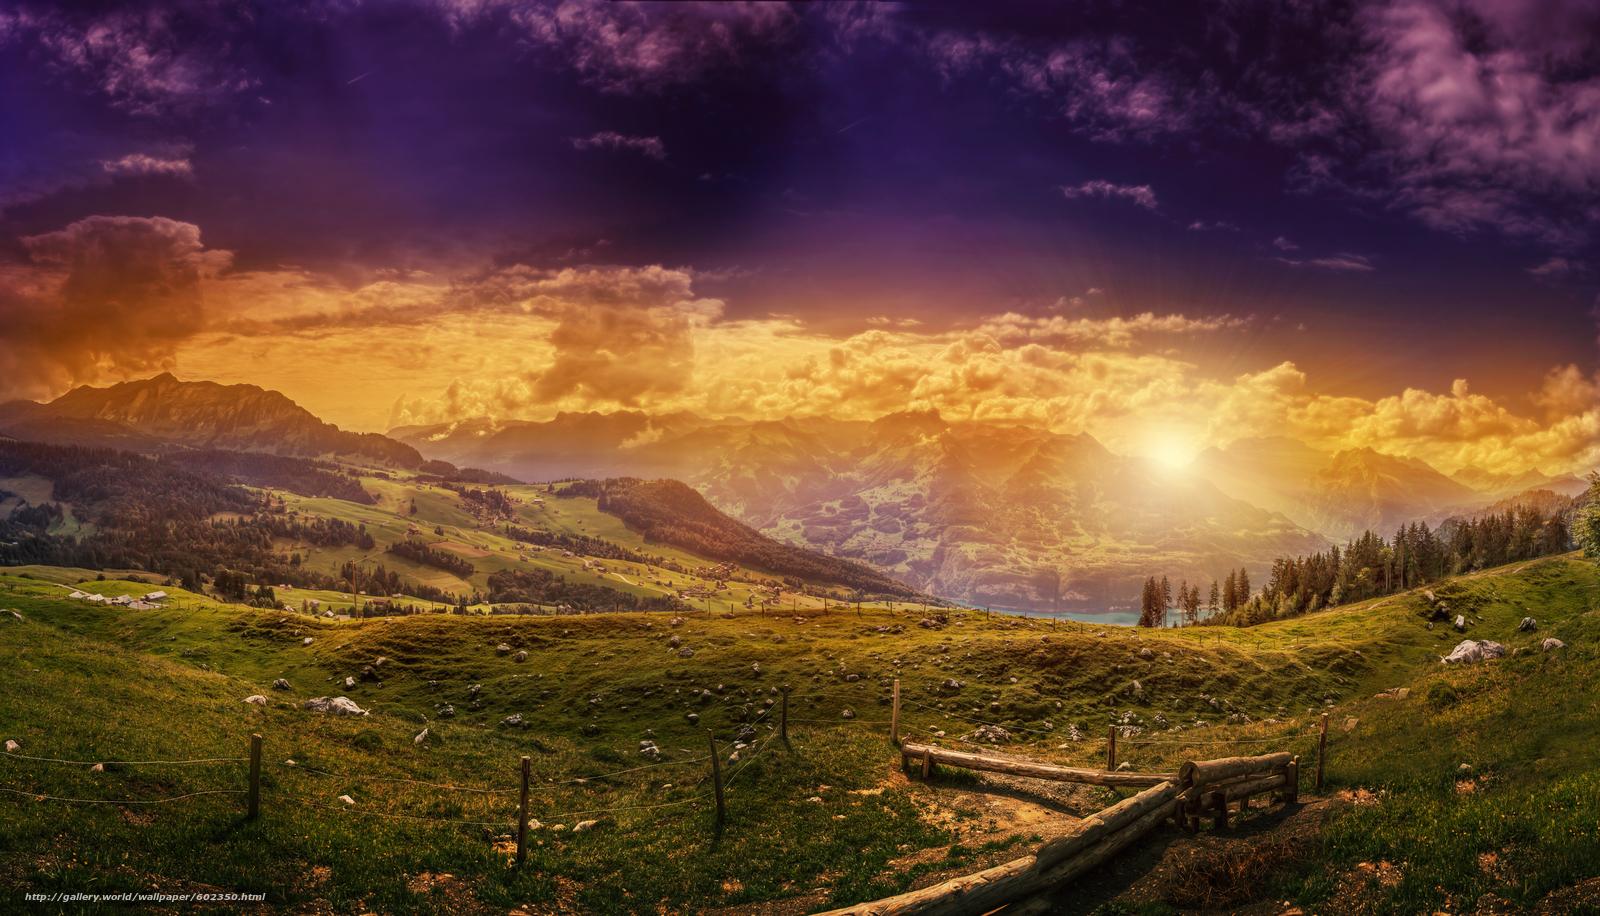 закат, горы, холмы, озеро, деревья, пейзаж